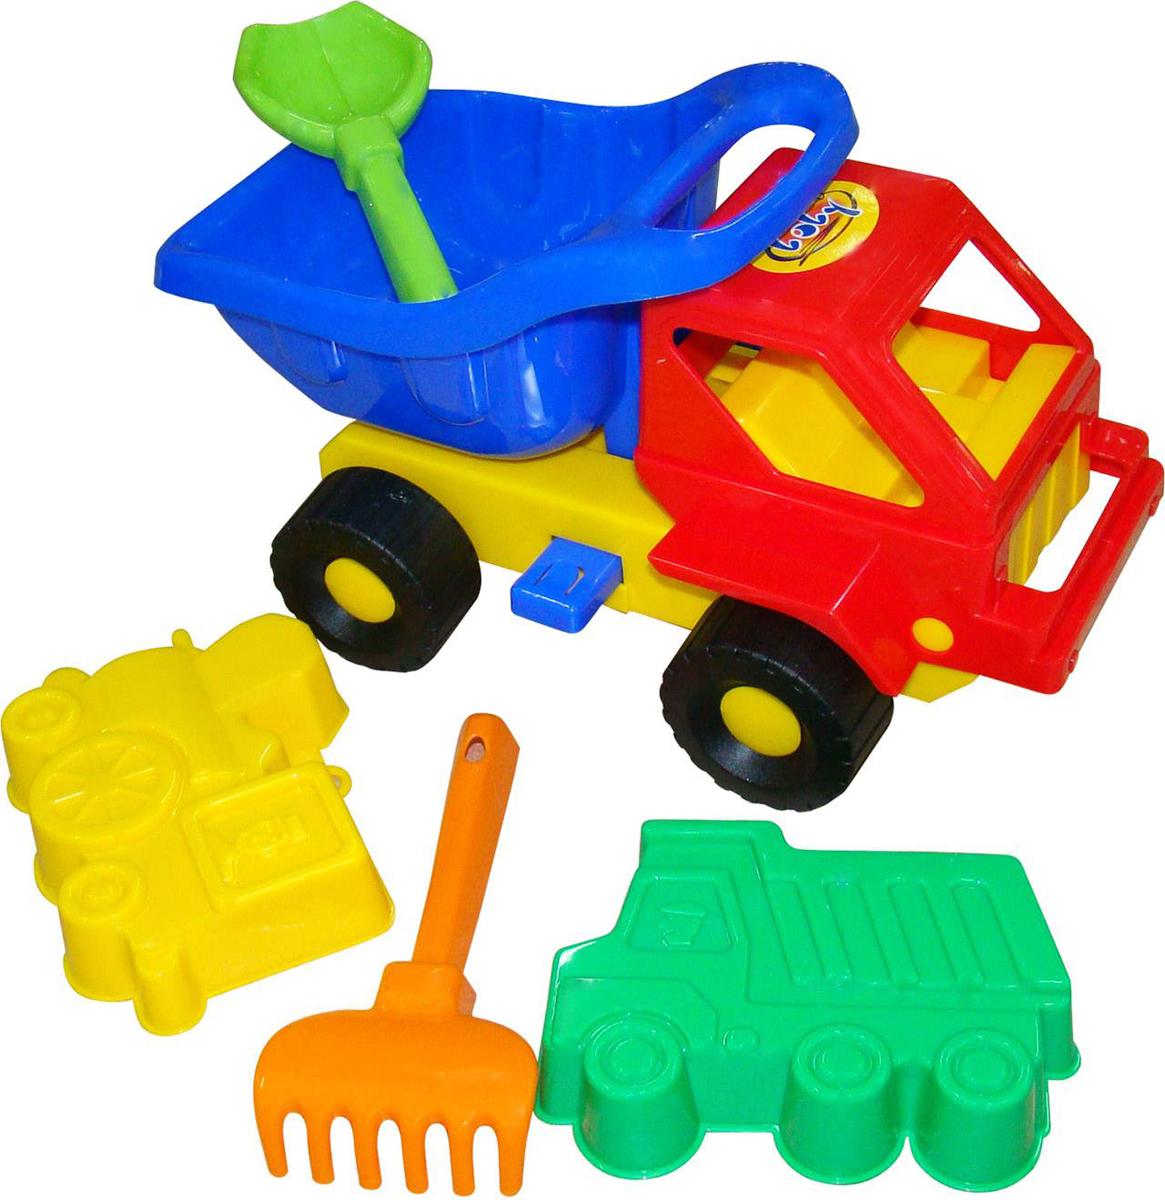 Фото Полесье Набор игрушек для песочницы №41 Кузя-2. Купить  в РФ